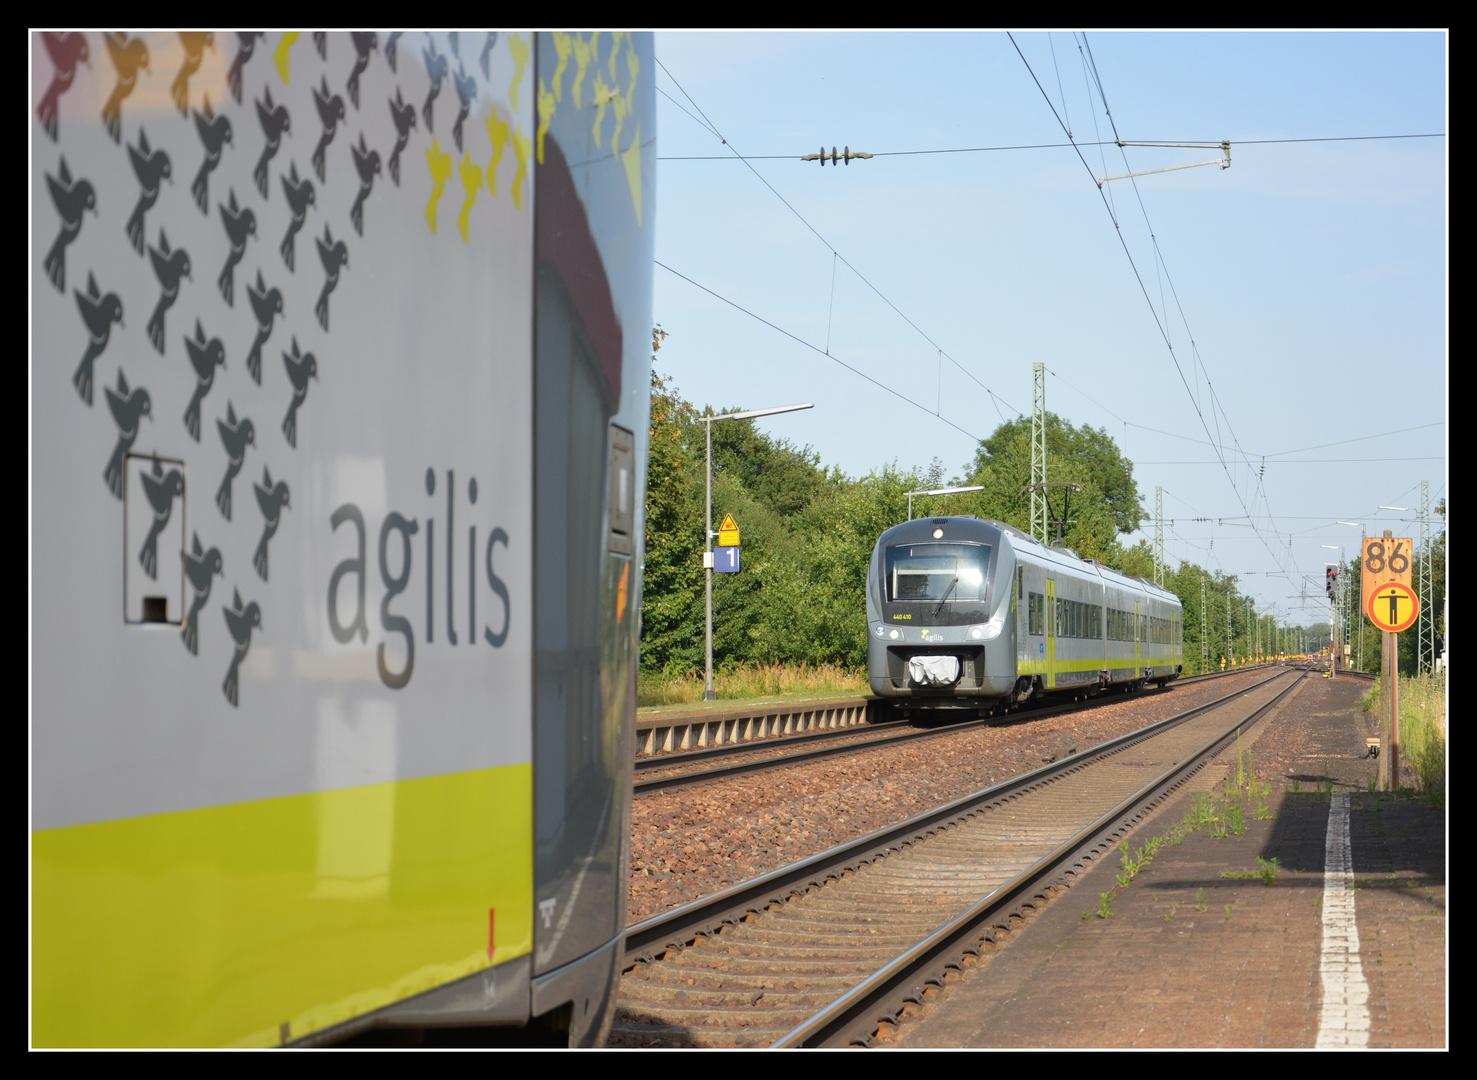 Zugkreuzung in Radldorf